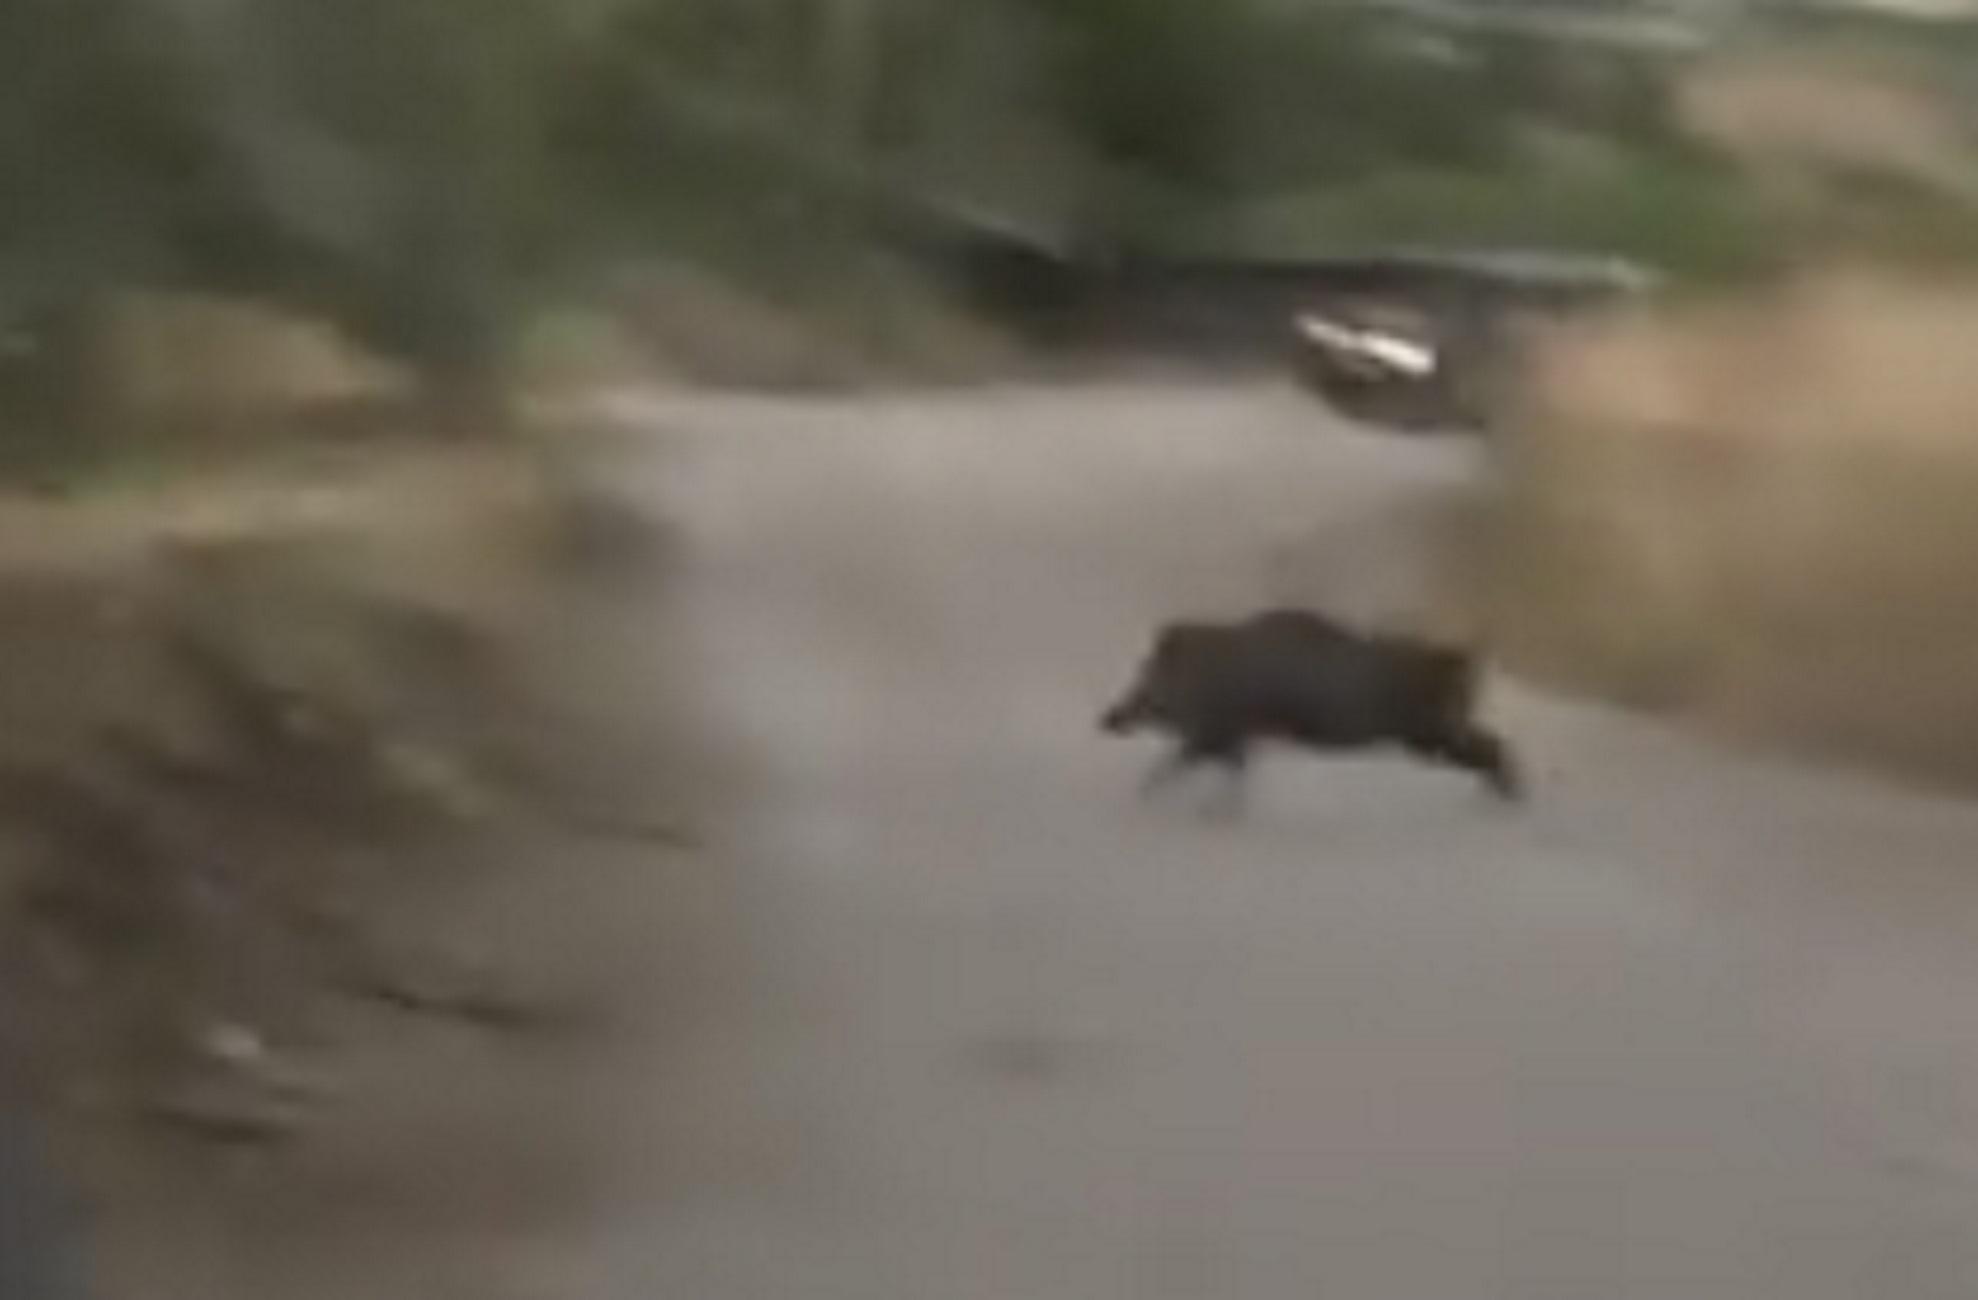 Φθιώτιδα: Σφαίρες! Αγριογούρουνα αναπτύσσουν ταχύτητα μπροστά στην κάμερα και προκαλούν δέος (Βίντεο)